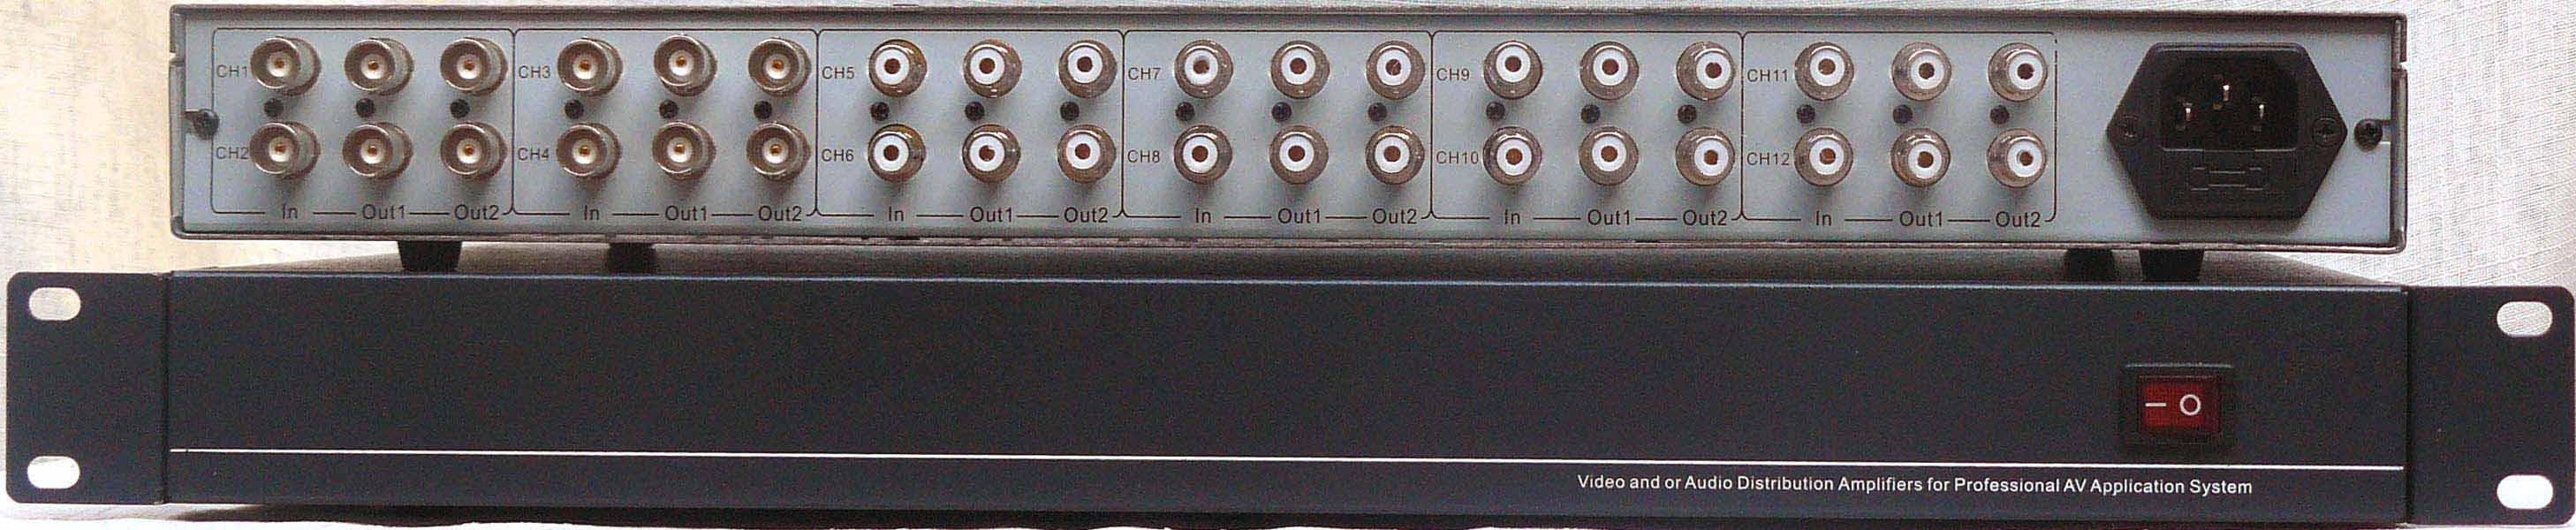 4进8出立体声音视频分配器